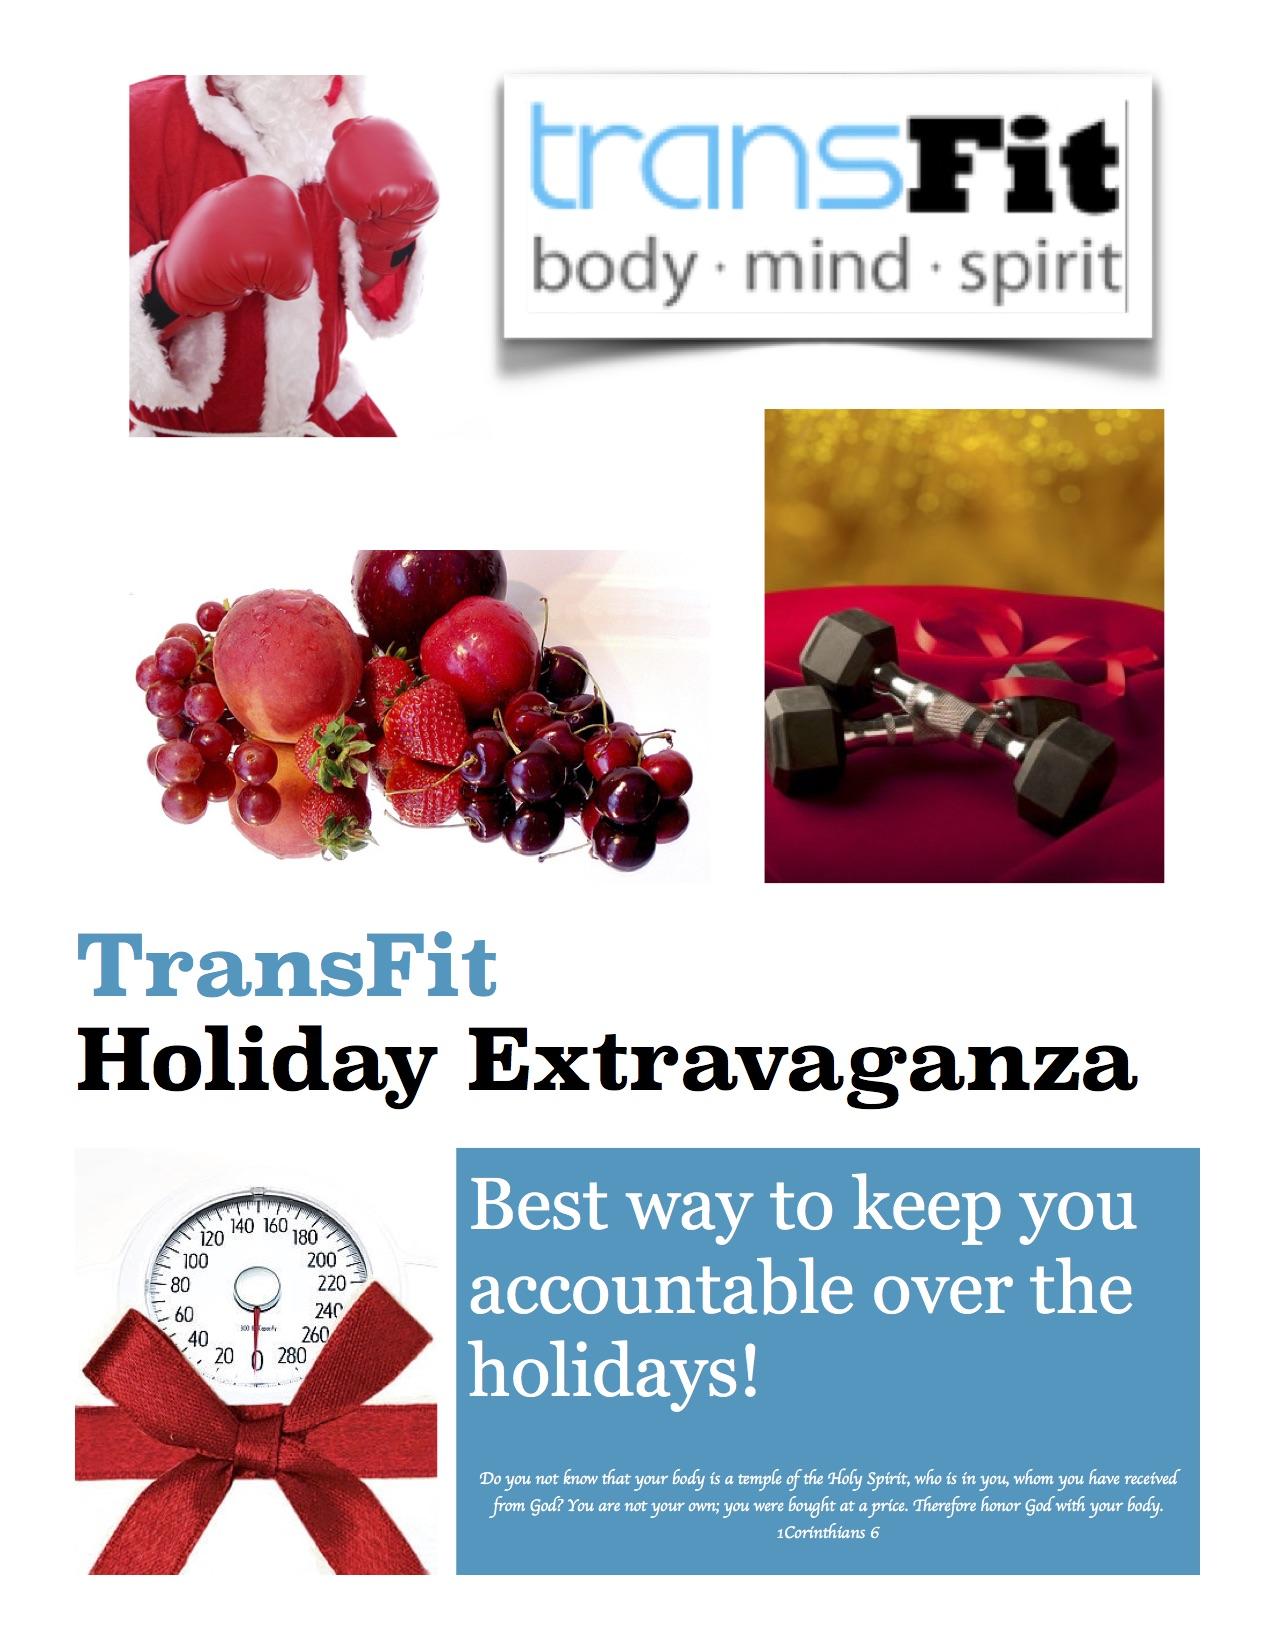 holidayextravaganzaposter3